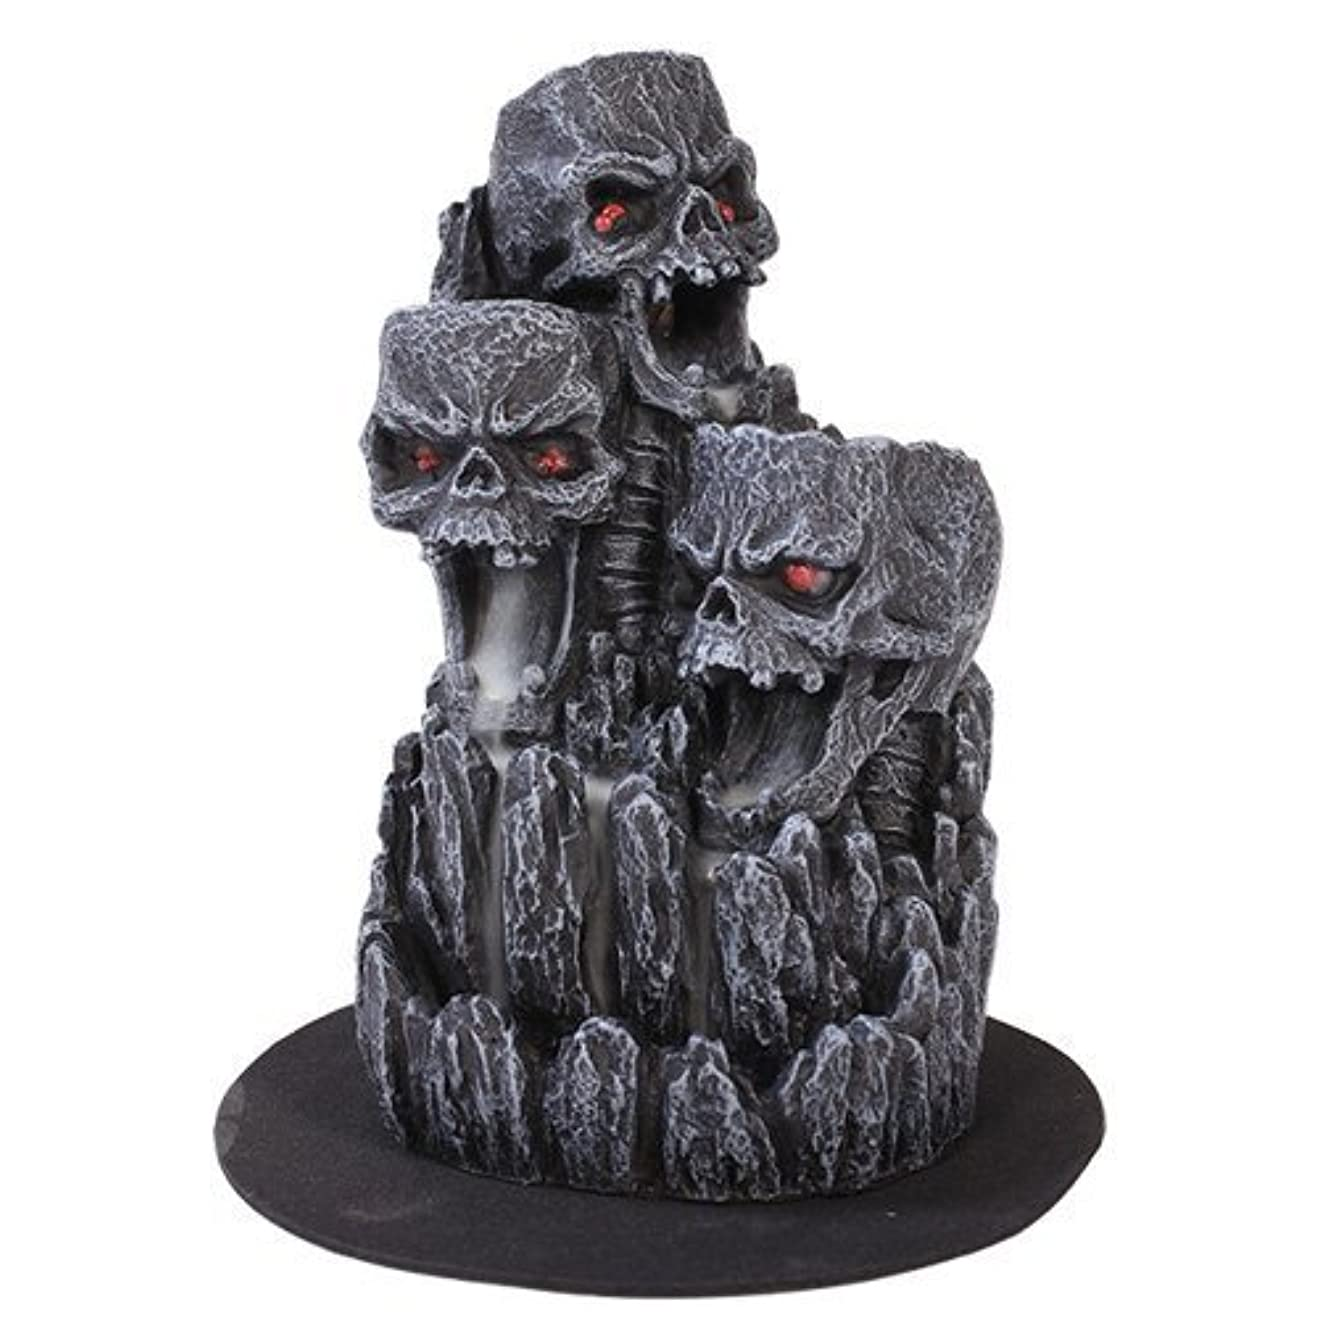 くしゃくしゃ保存する暖炉ゴシックスカル(お香立て)マウンテンタワー オブジェ Gothic Skull Backflow Incense Tower